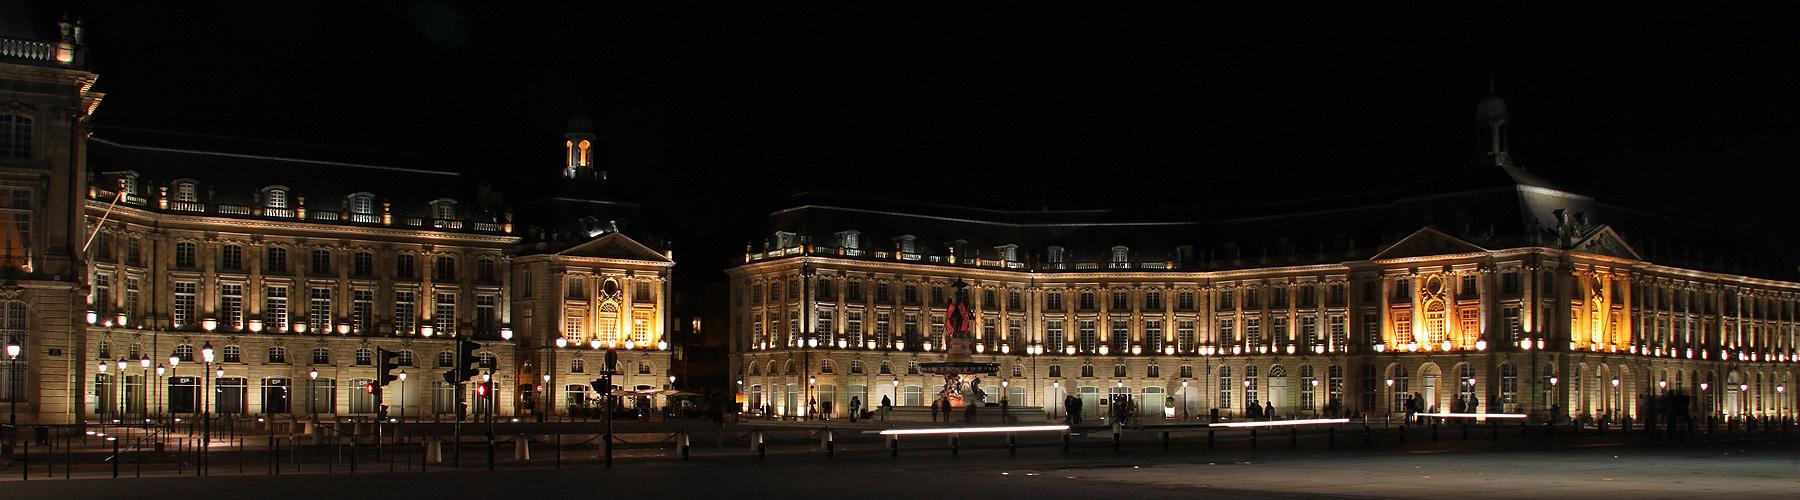 Bordeaux - Place de la Bourse